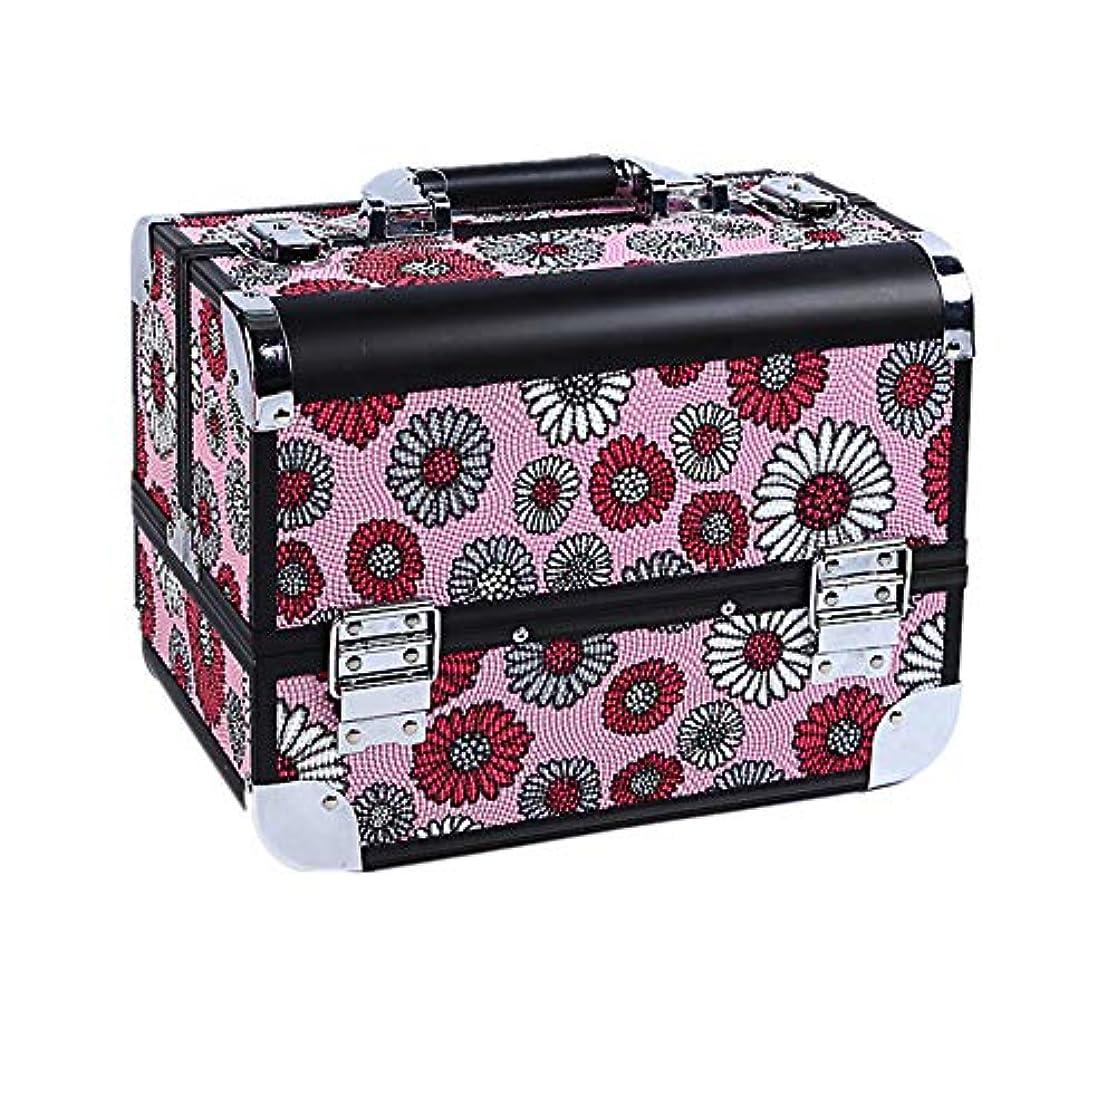 アセラオス人毎月化粧オーガナイザーバッグ 大容量ポータブルアルミ合金旅行化粧品美容メイクアップ化粧ケースひまわりのパターンと折り畳みトレイ 化粧品ケース